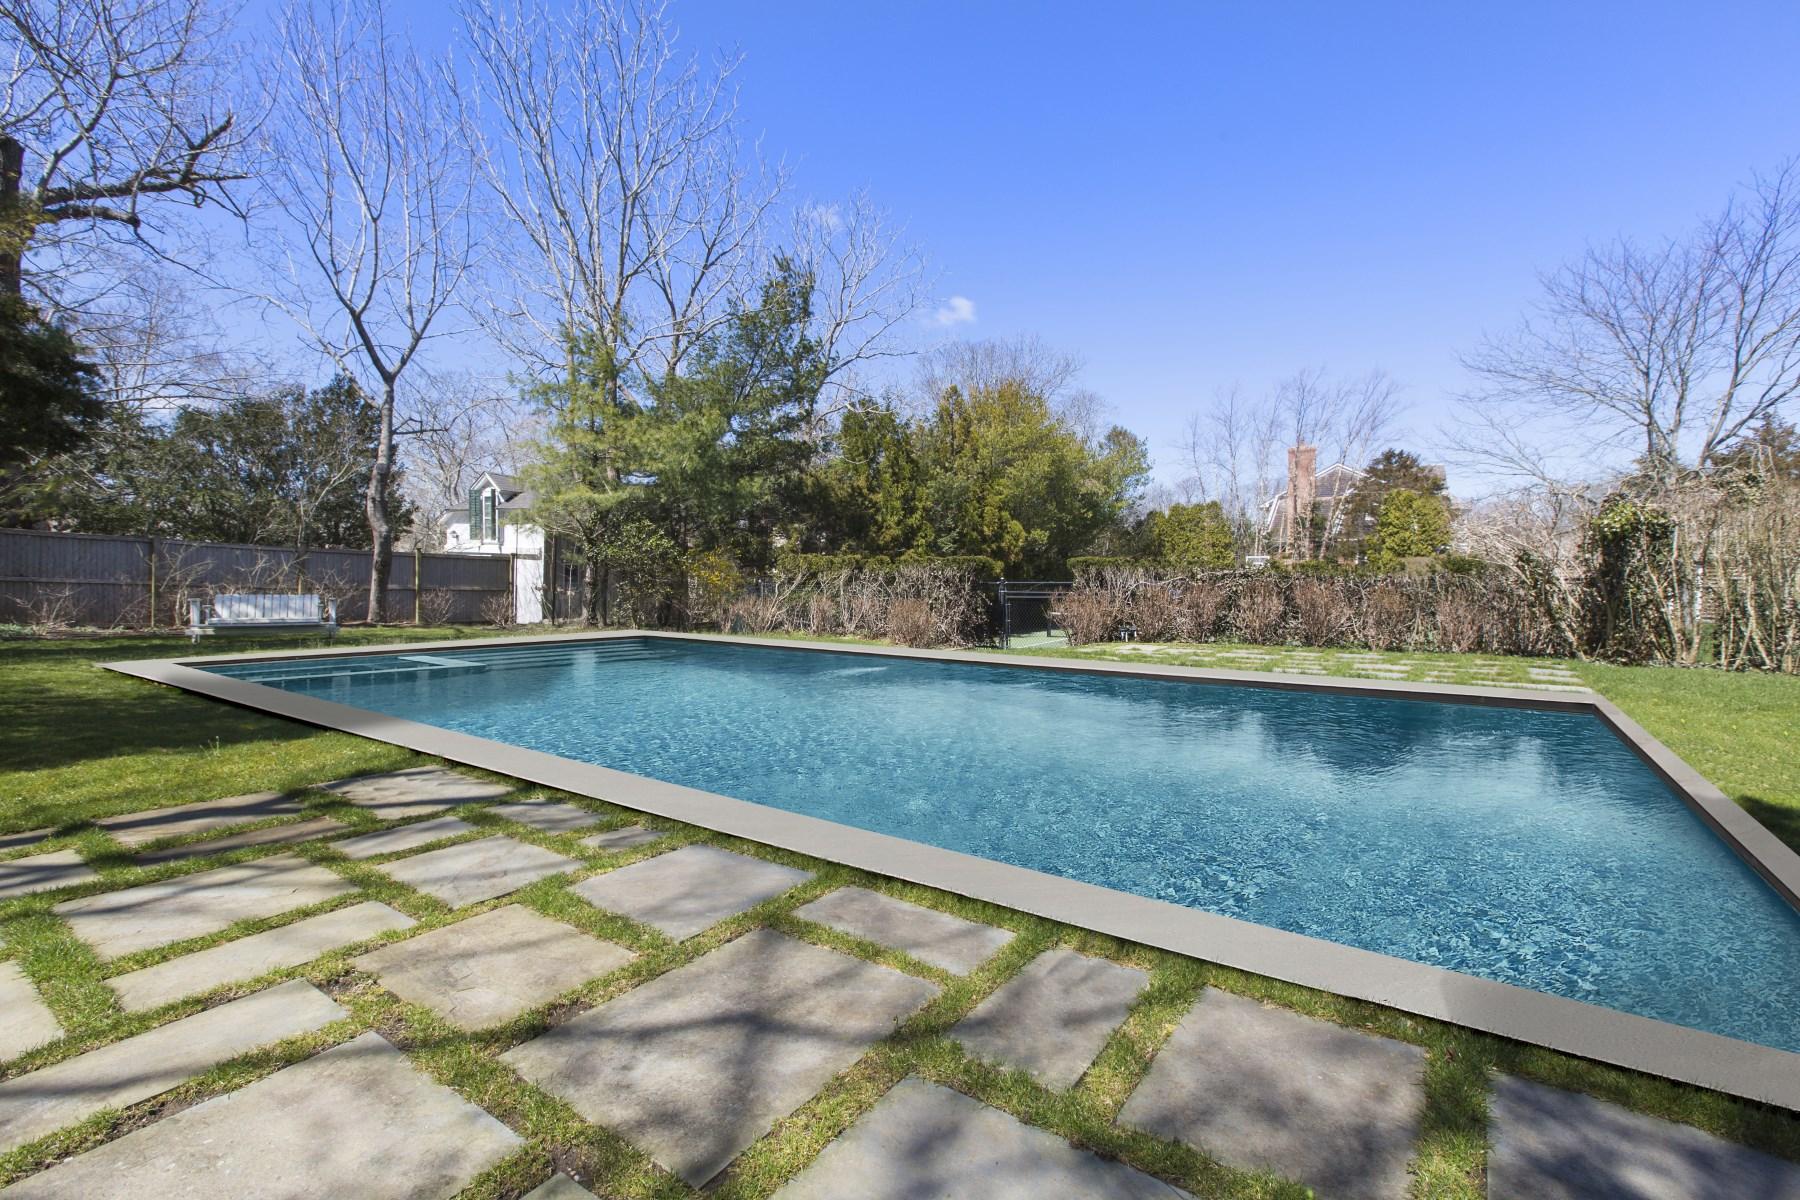 Property Of Southampton Village - Pool, Tennis